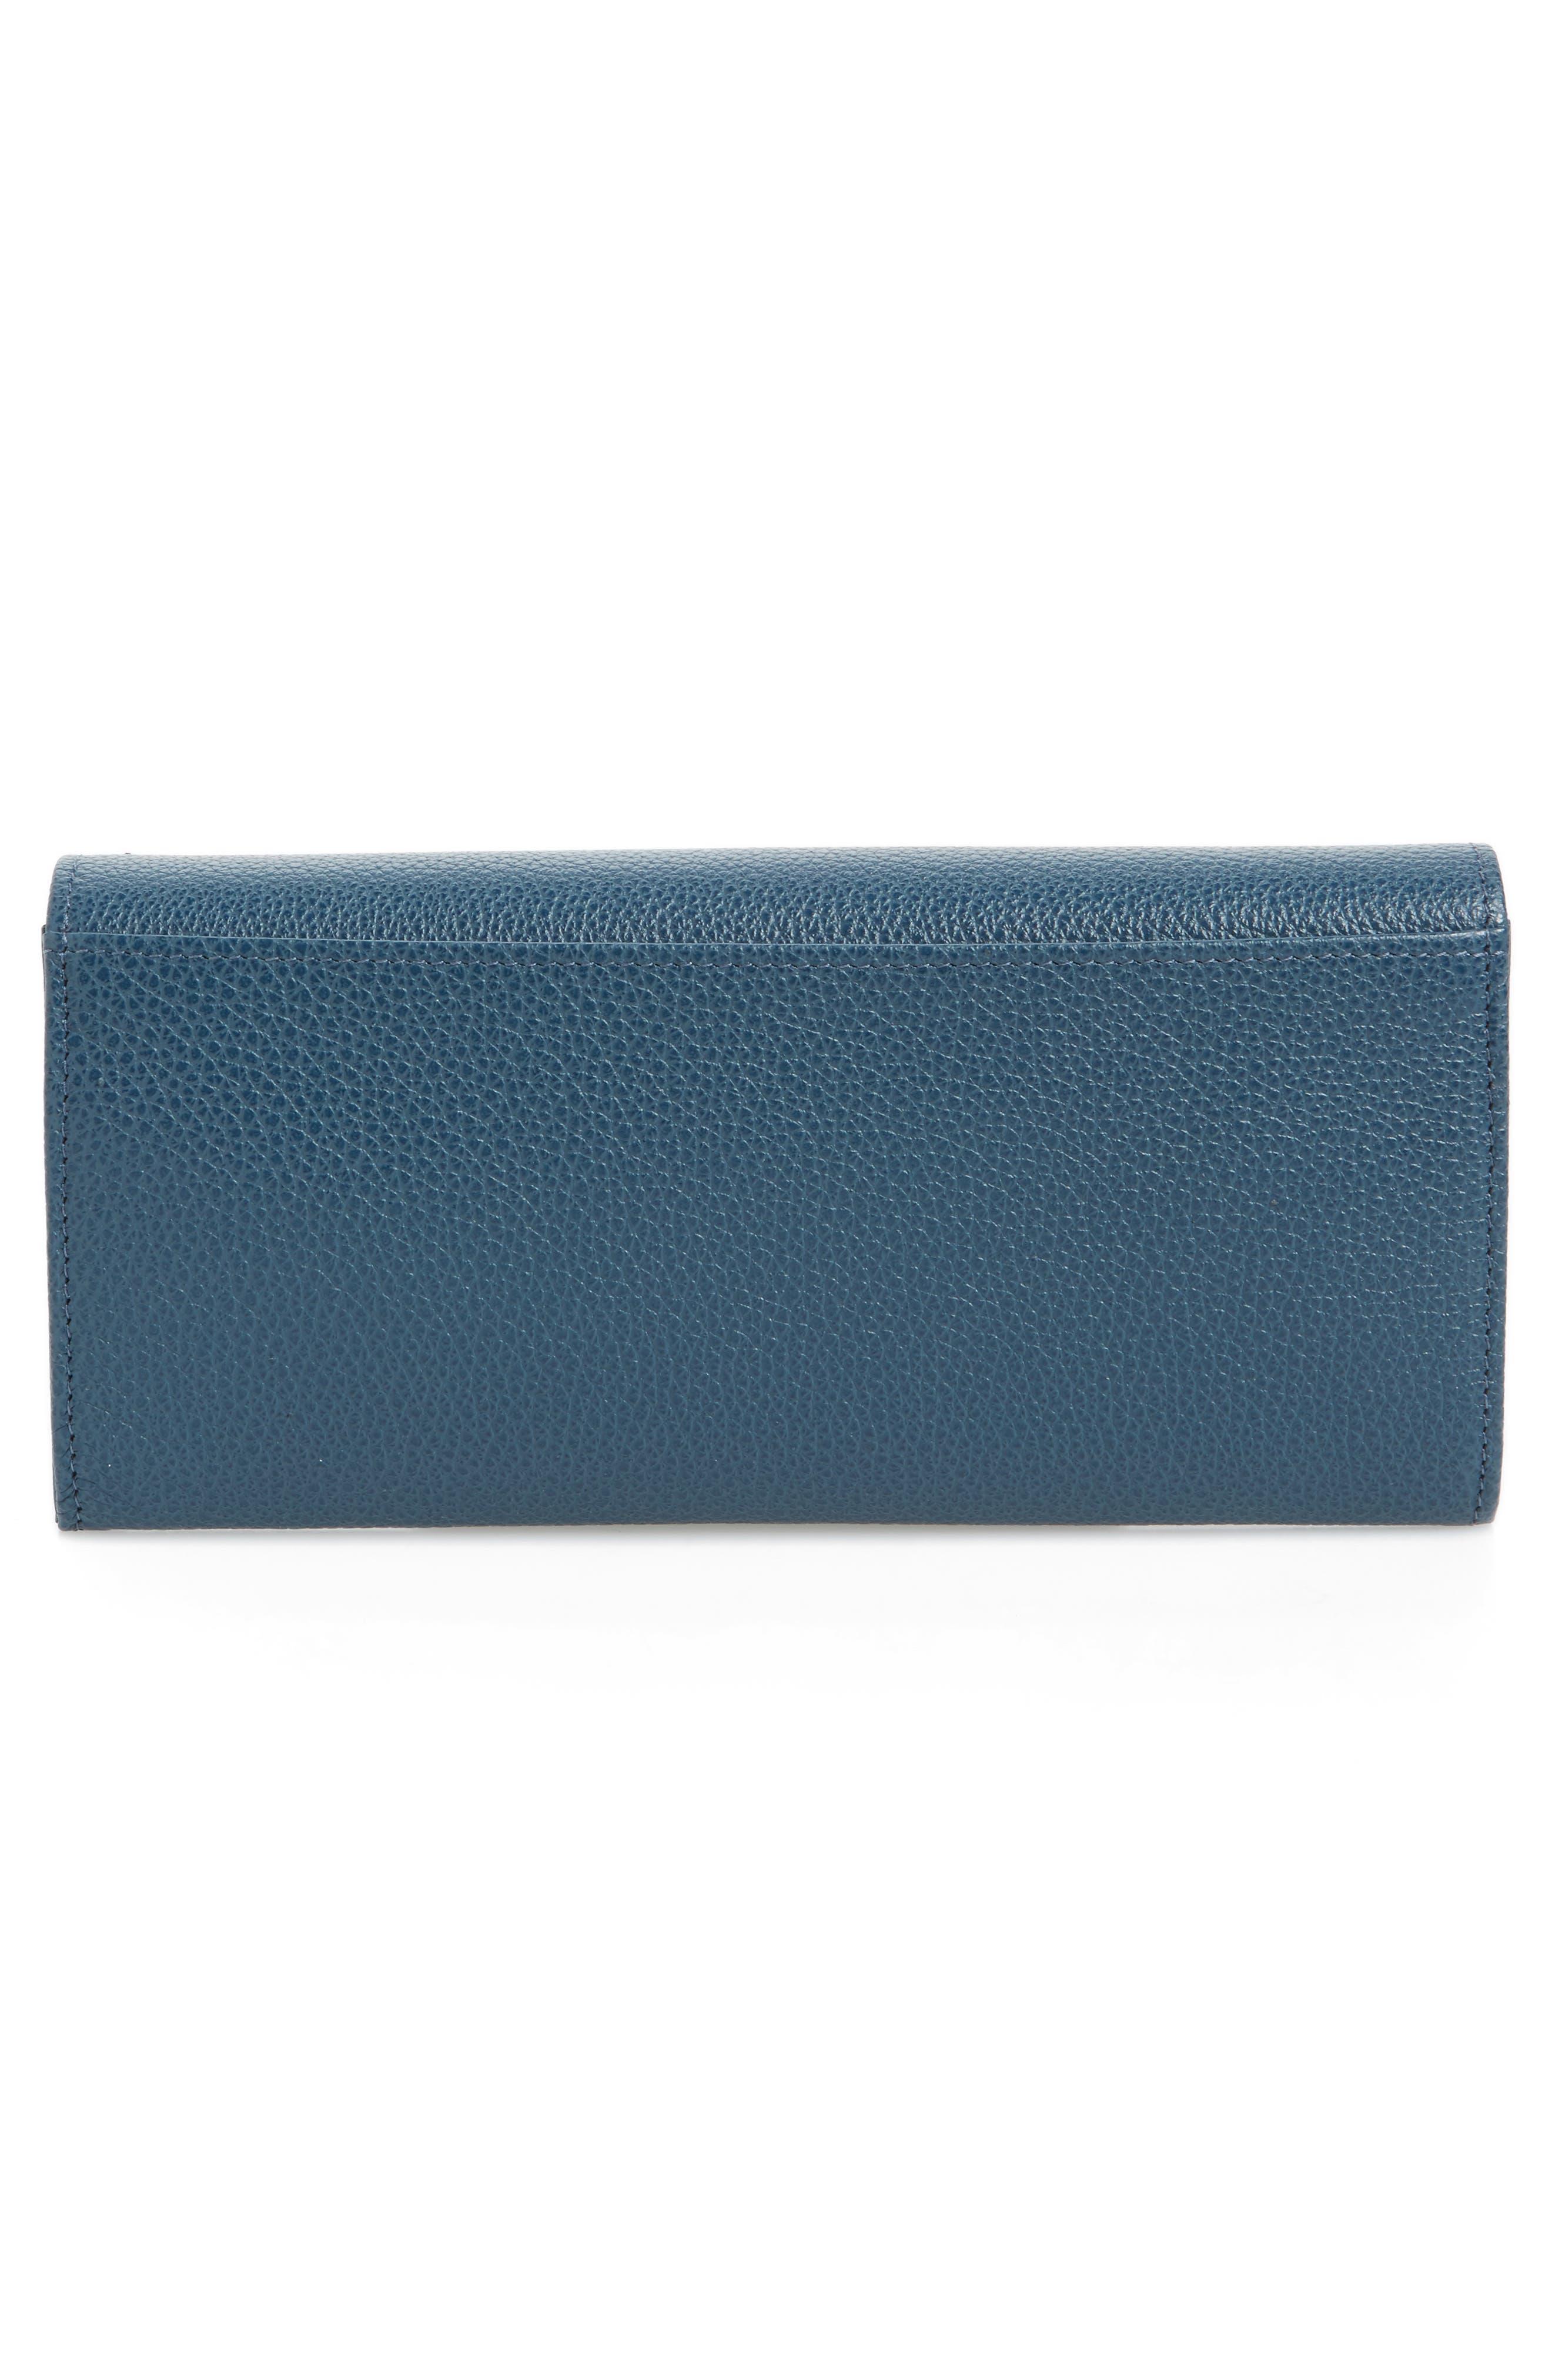 Alternate Image 4  - Longchamp 'Veau Foulonne' Continental Wallet